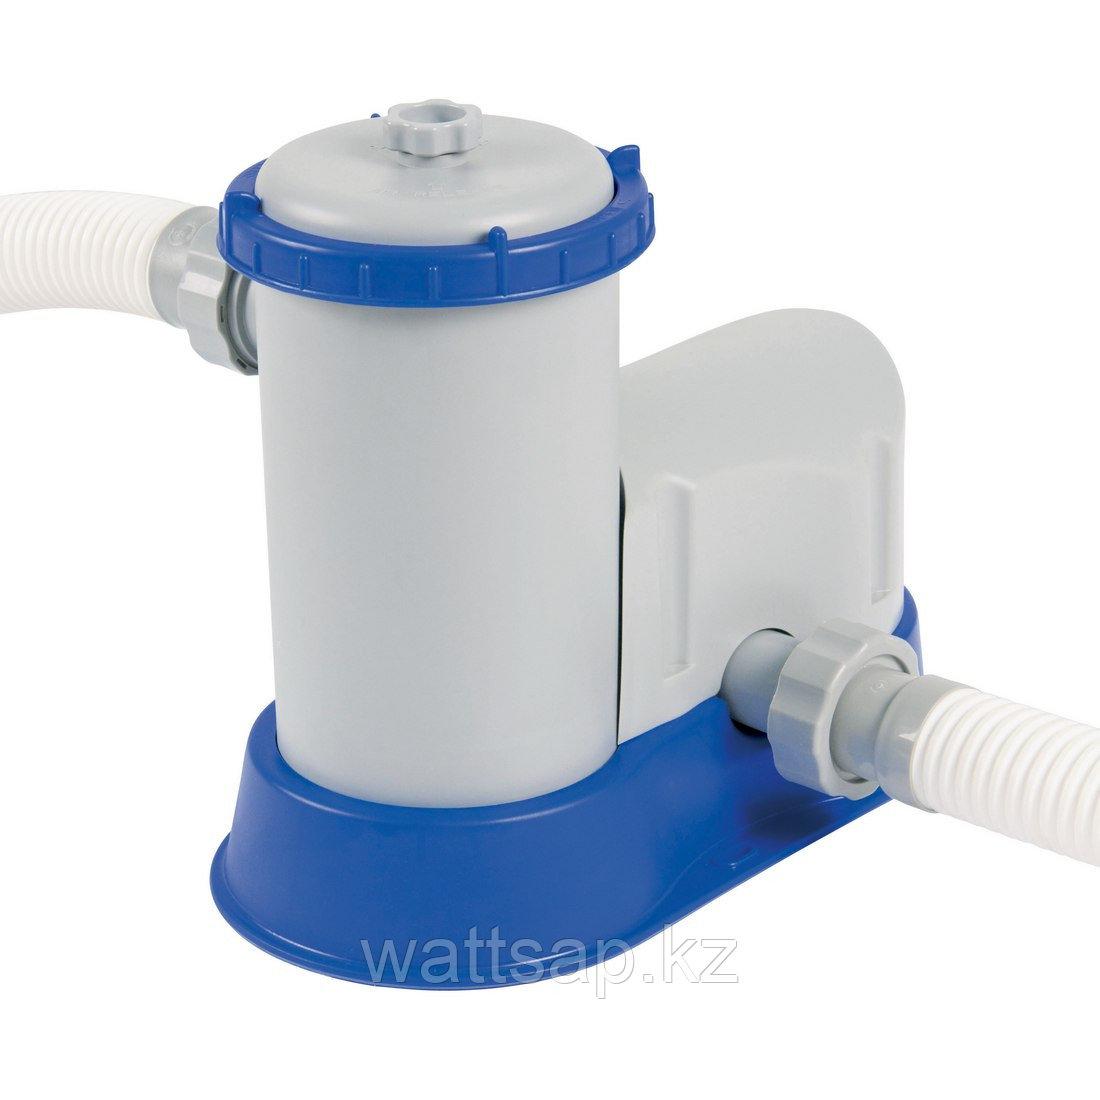 Фильтрующий насос для бассейна, BESTWAY, 58122, 5.678 литров/час, 1100-36300 литров, Два набора переходников 32 мм, Пластик, Серо-синий, Цветная